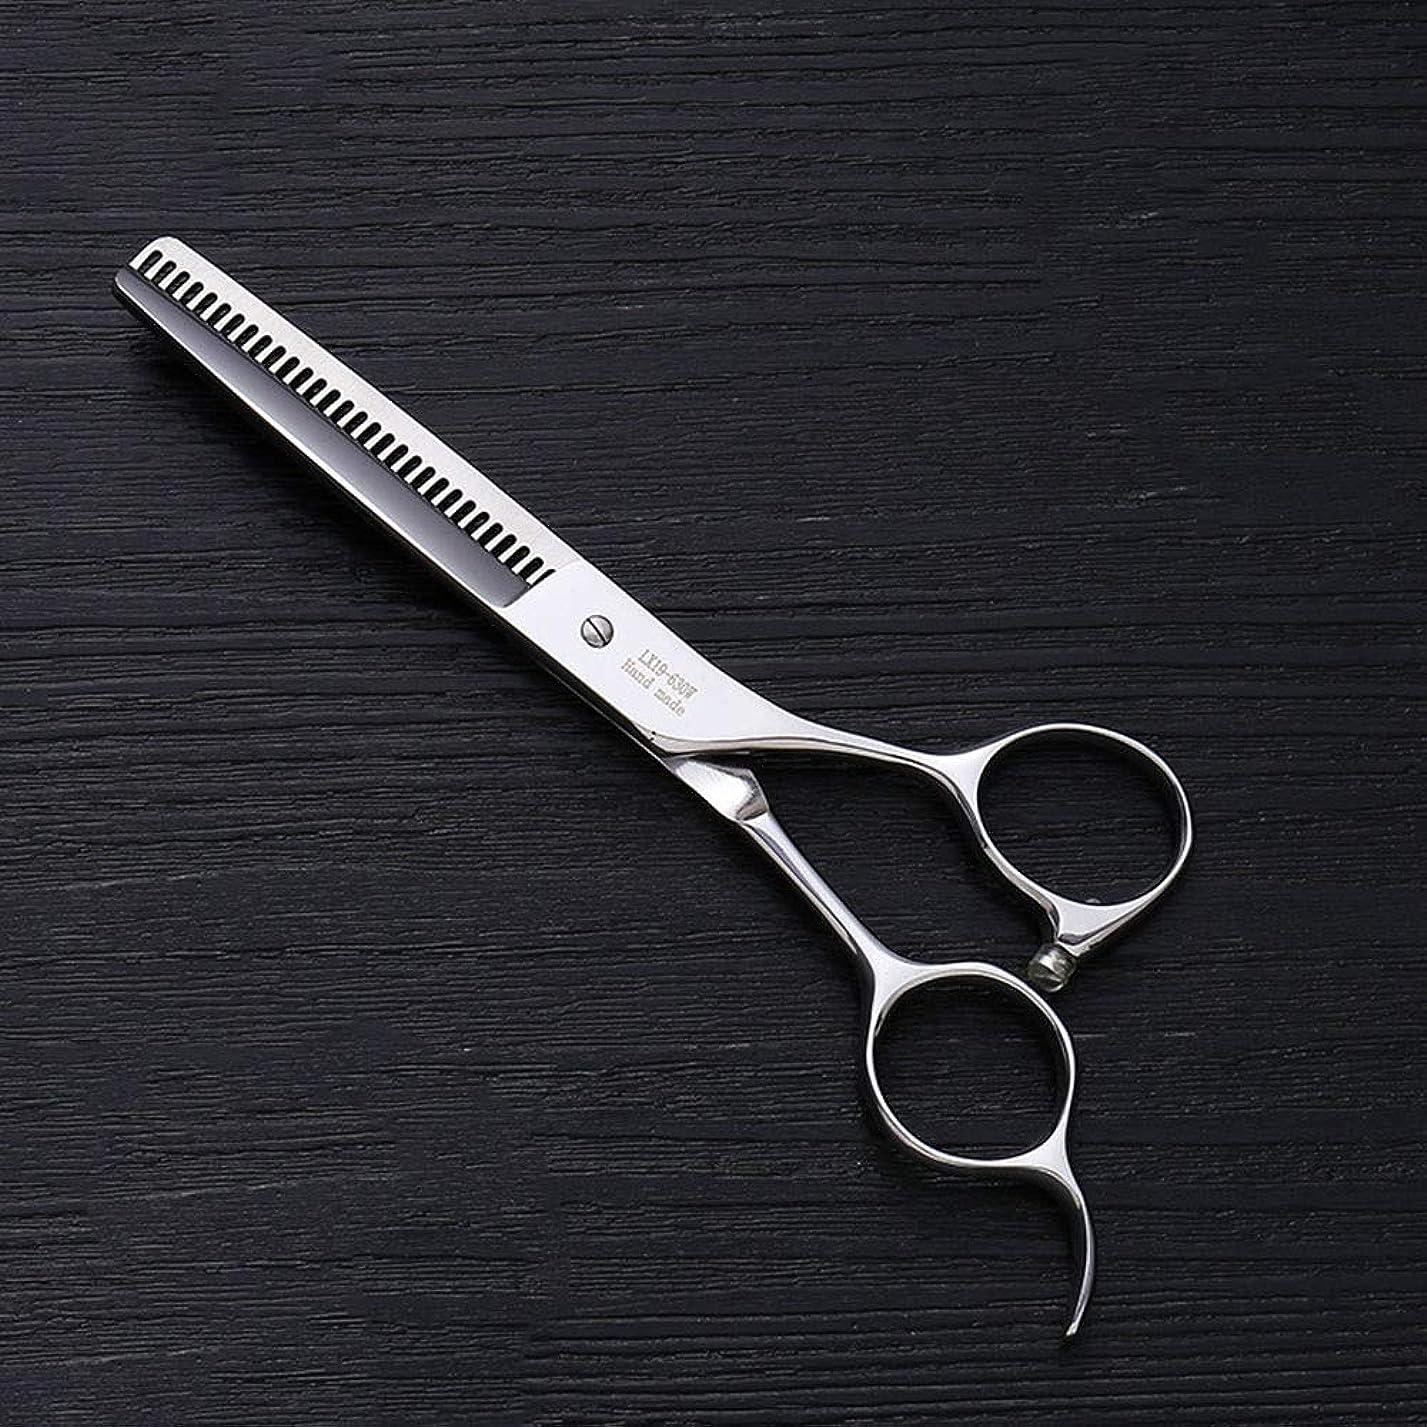 立方体キッチン製造業6.0インチプロフェッショナルアントラー歯ステンレス鋼の歯はさみ理髪はさみヘアスタイリスト特別な理髪はさみ モデリングツール (色 : Silver)